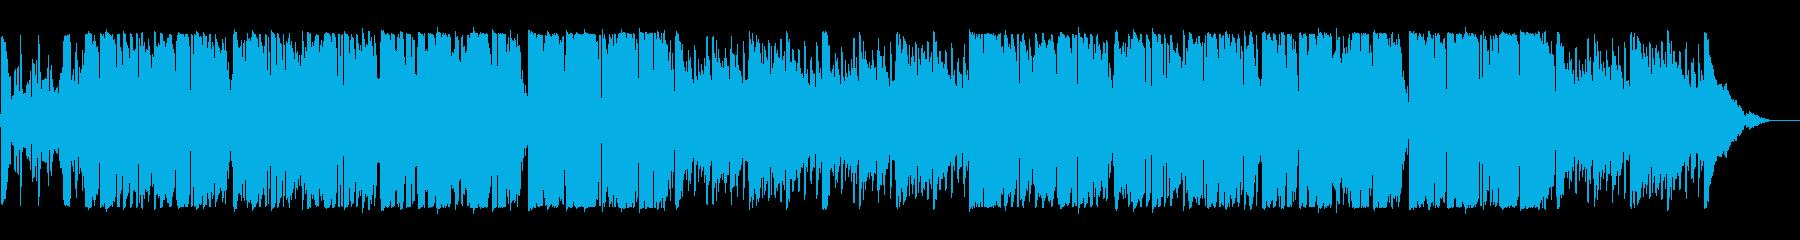 ケルト アクション 感情的 ハイテ...の再生済みの波形